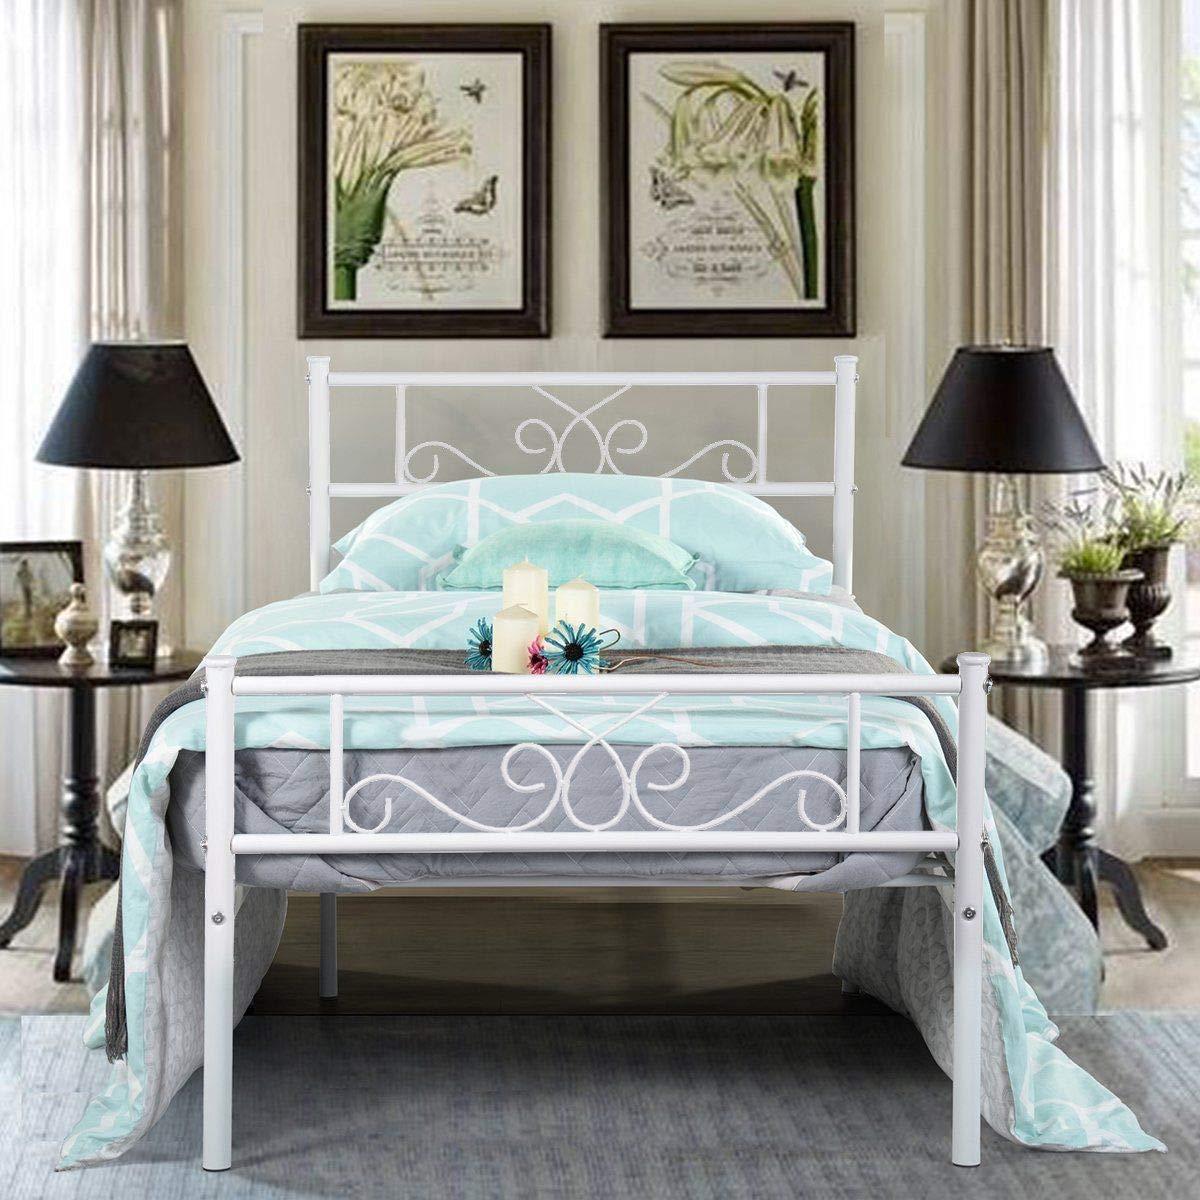 Cheap Vintage Bed Frame Find Vintage Bed Frame Deals On Line At